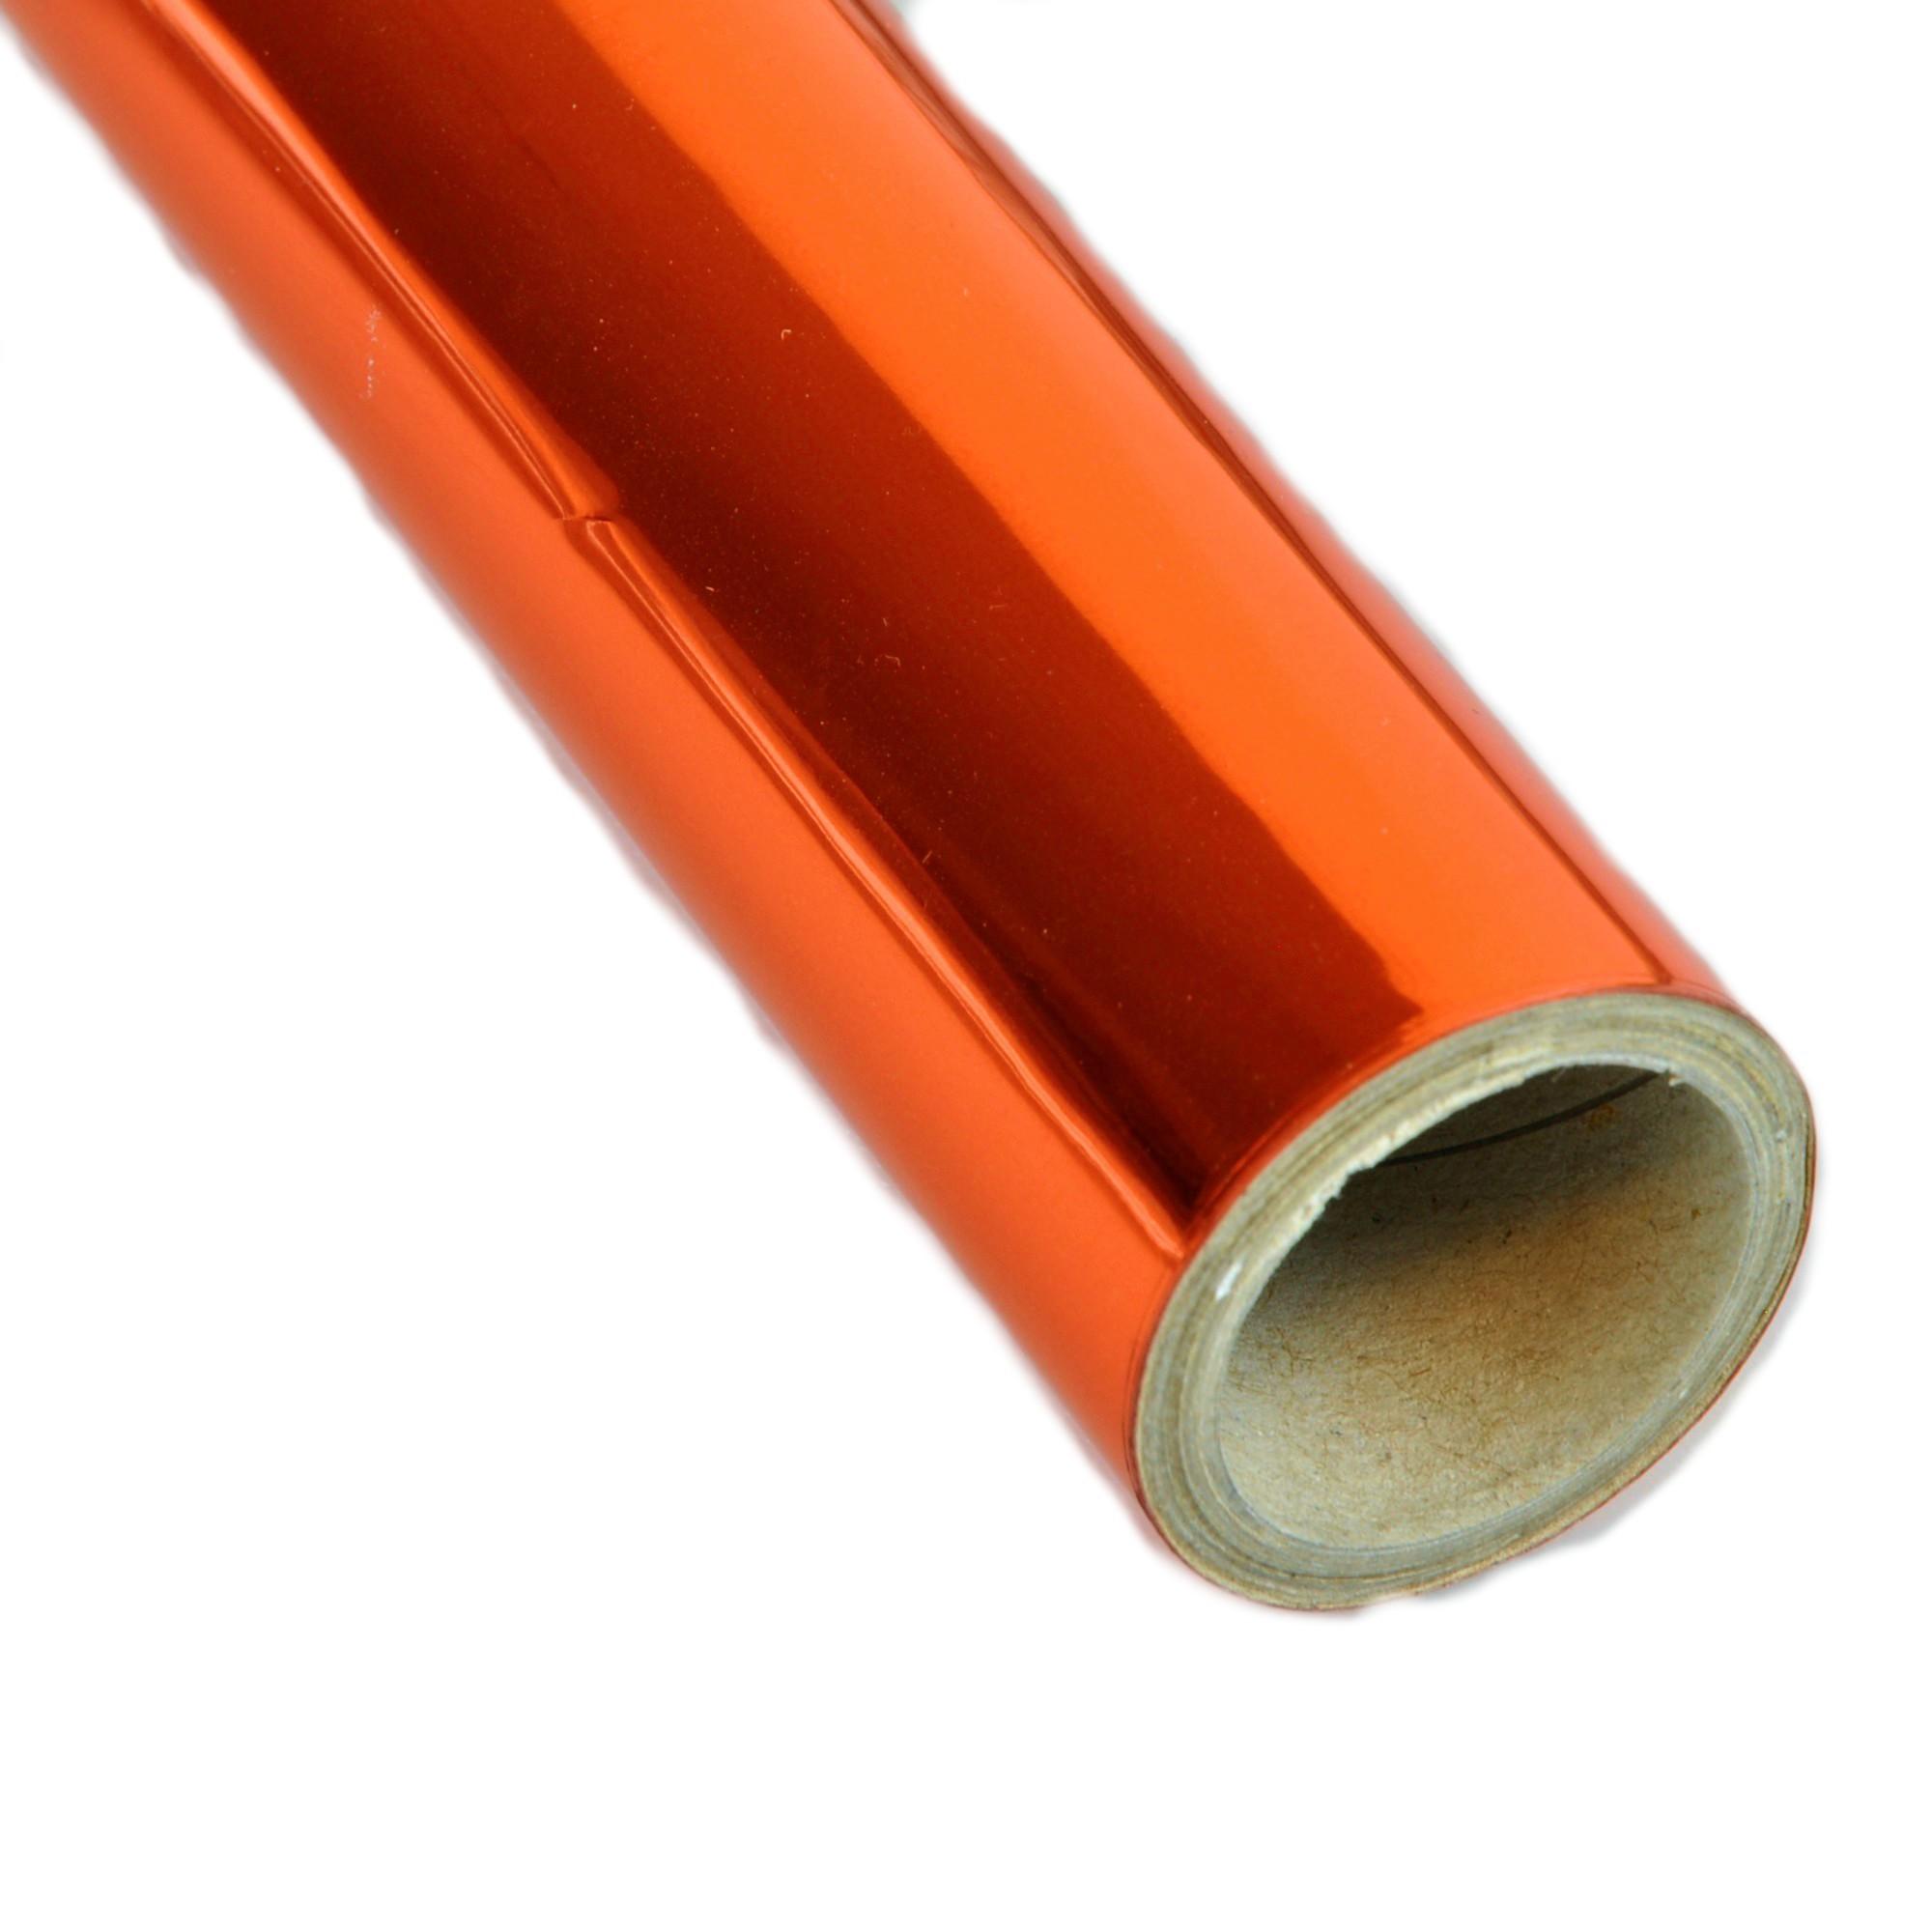 Vinil Laranja Metalico p/ Envelopamento - 60 CM